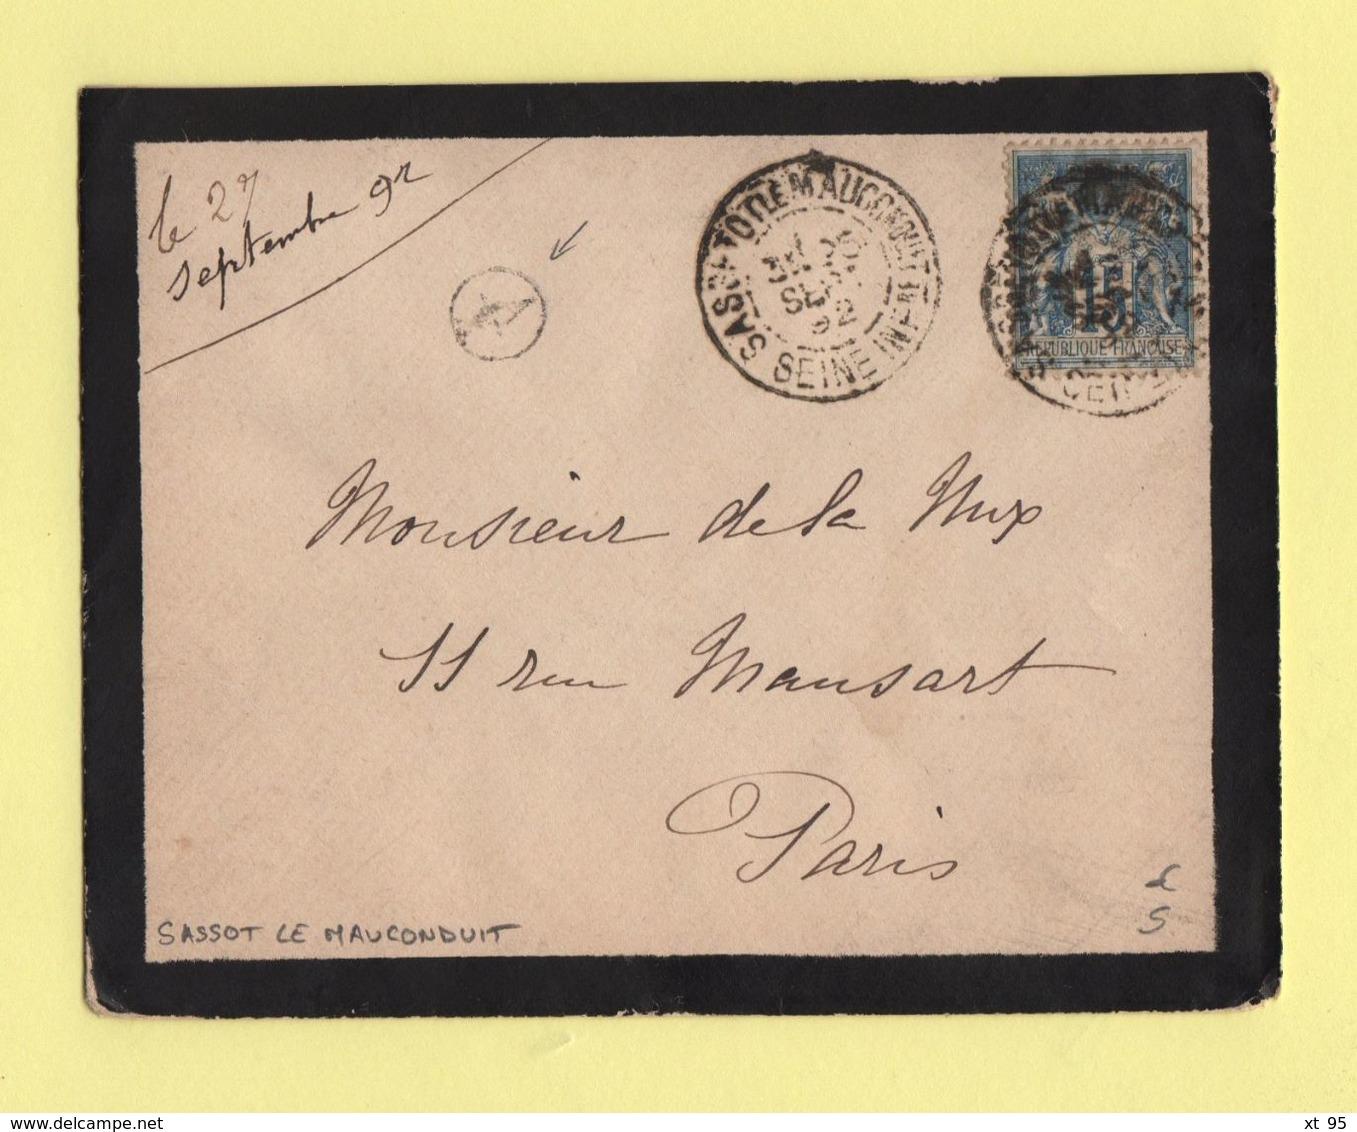 Sassot Le Mauconduit - Seine Inferieure - Boite Rurale Supplementaire A2 - 1892 - Sans Correspondance - Marcophilie (Lettres)